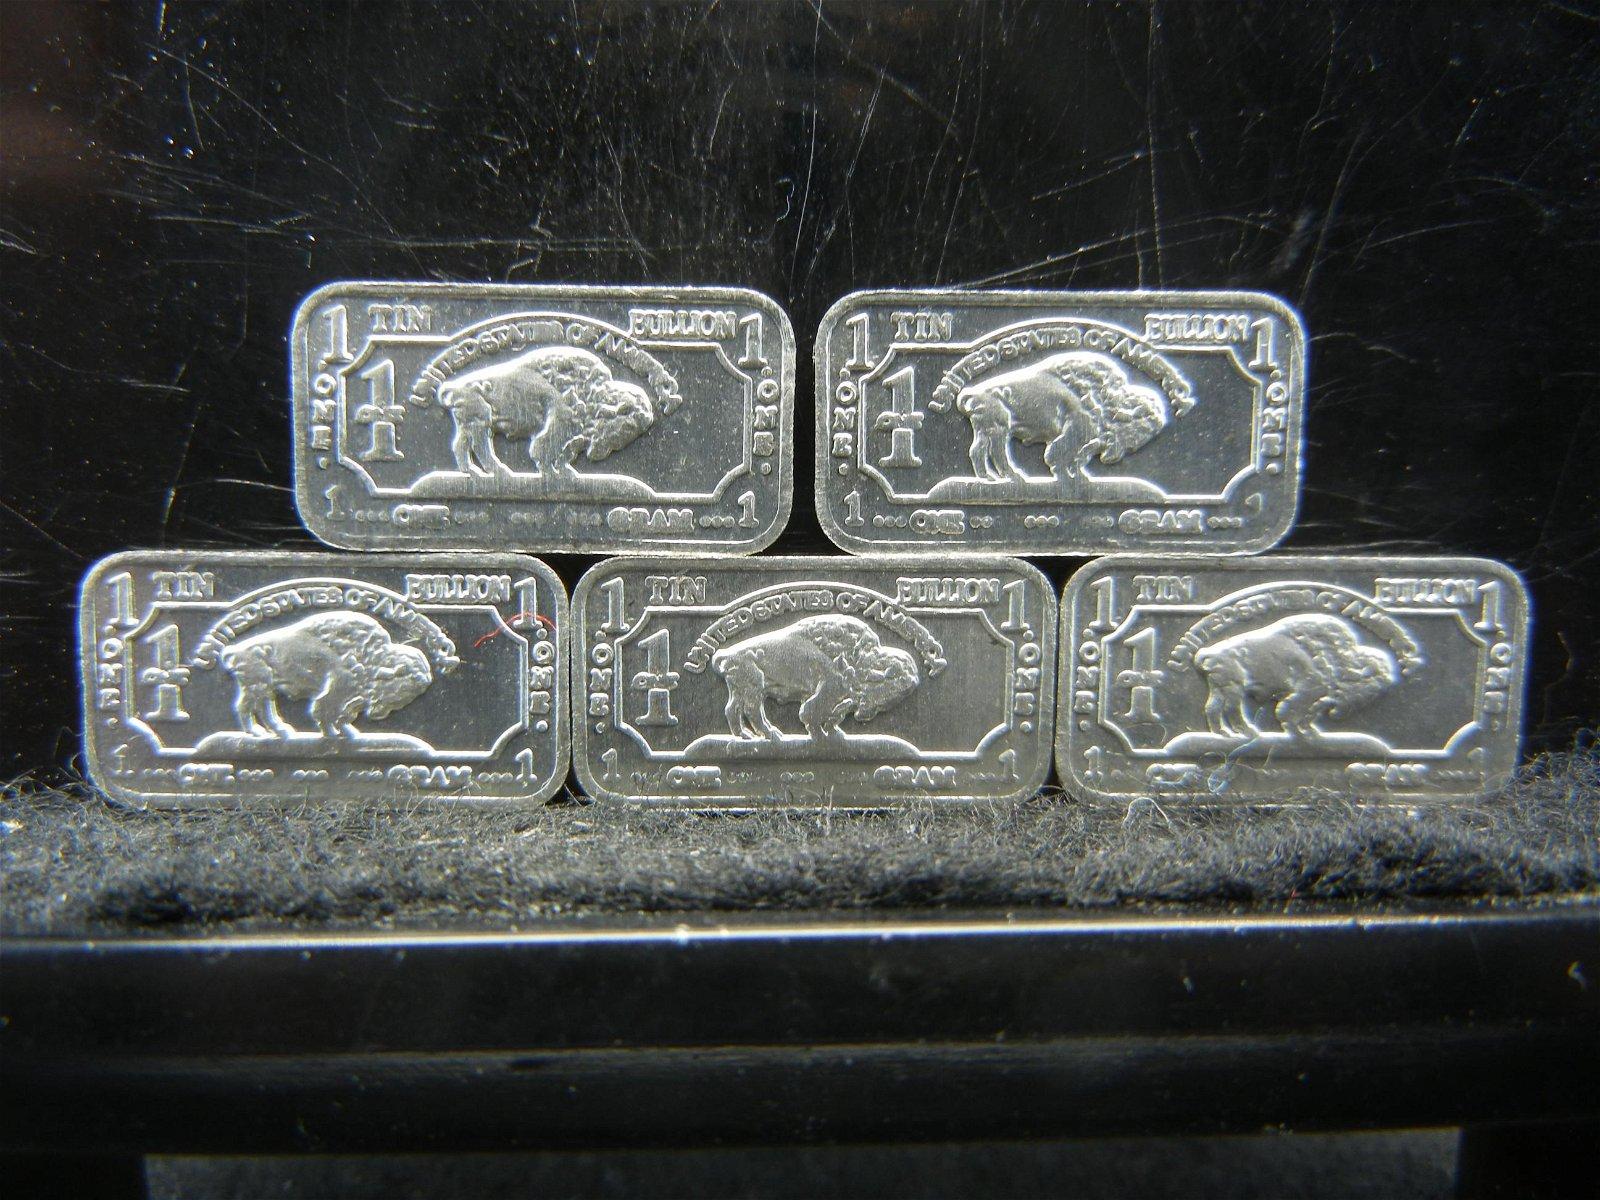 5 One Gram Tin Bullion Bars